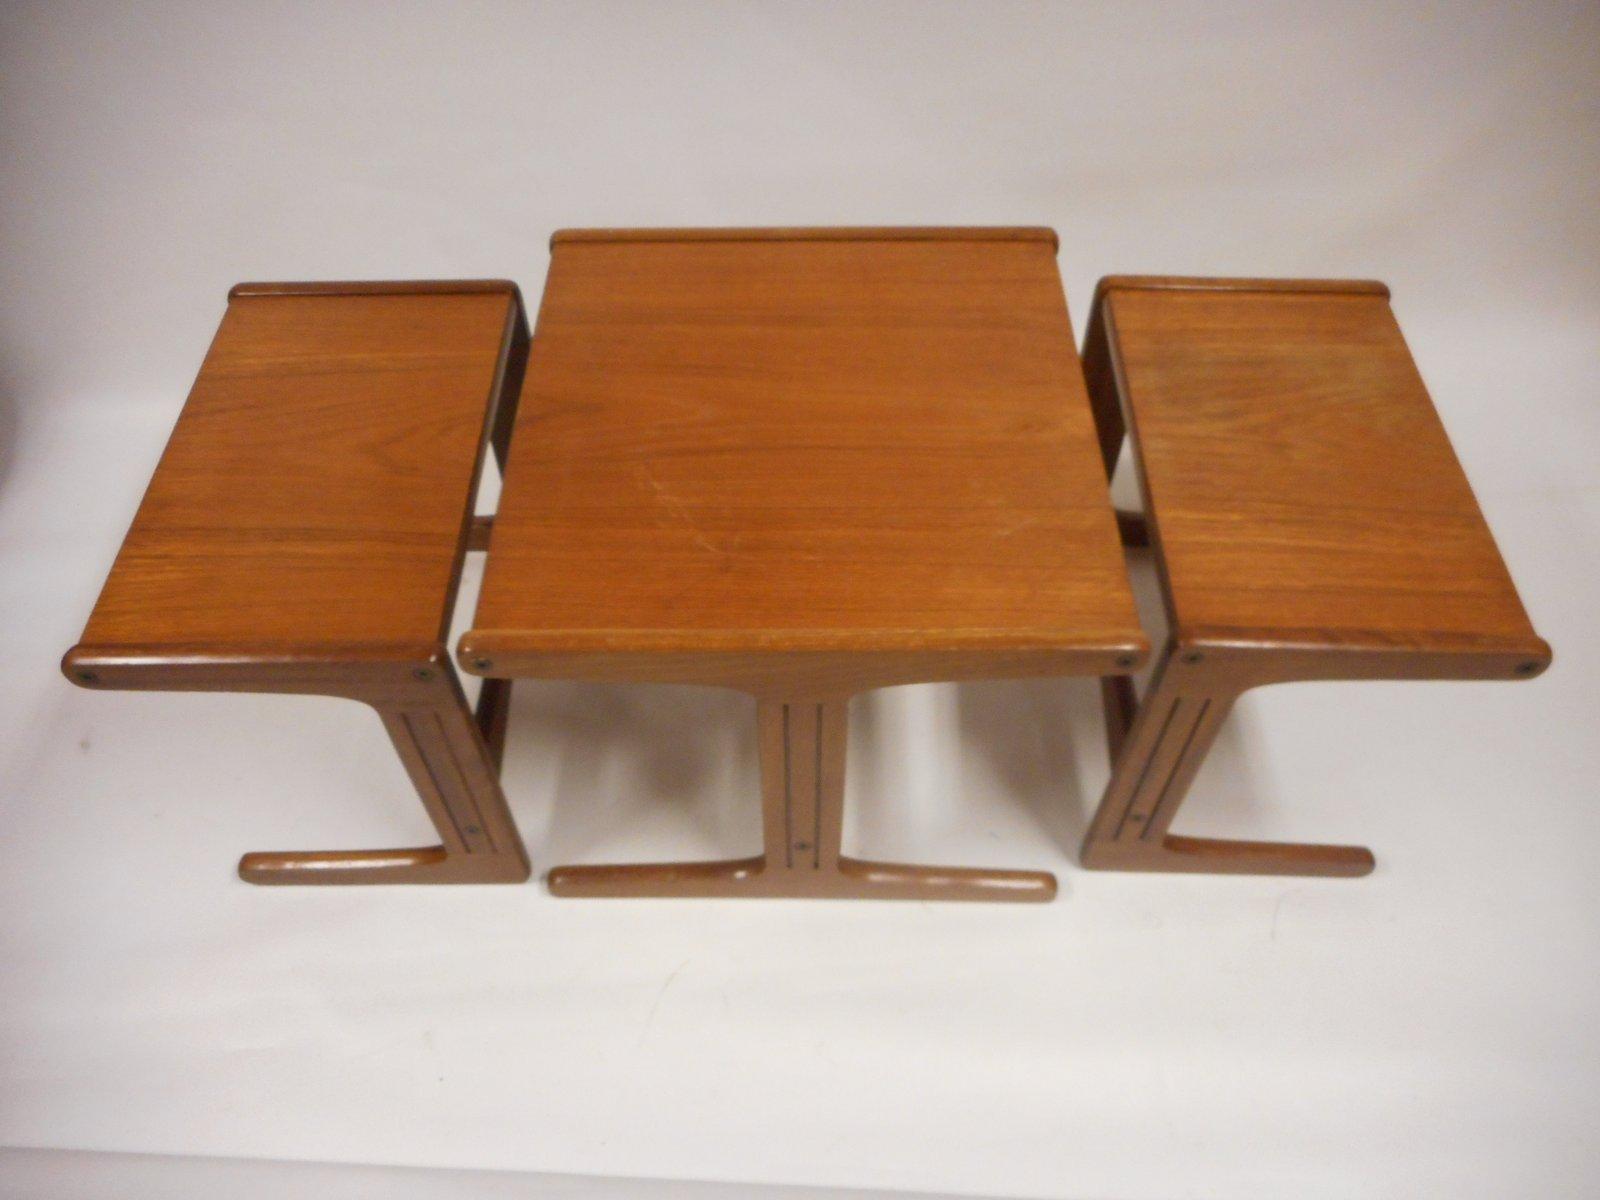 satztische im nordischen stil 1960er bei pamono kaufen. Black Bedroom Furniture Sets. Home Design Ideas